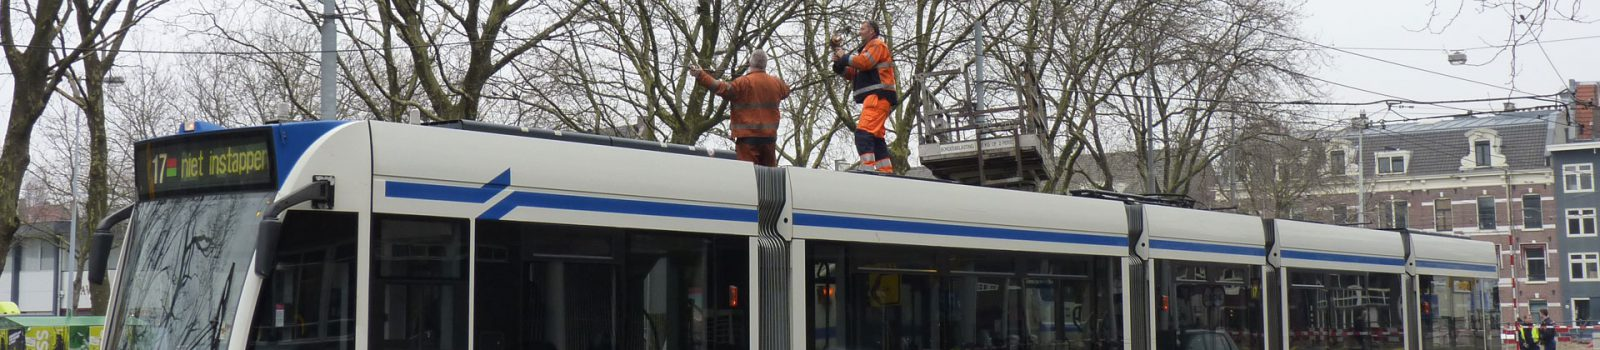 2009: Leuke vrouwen in de tram